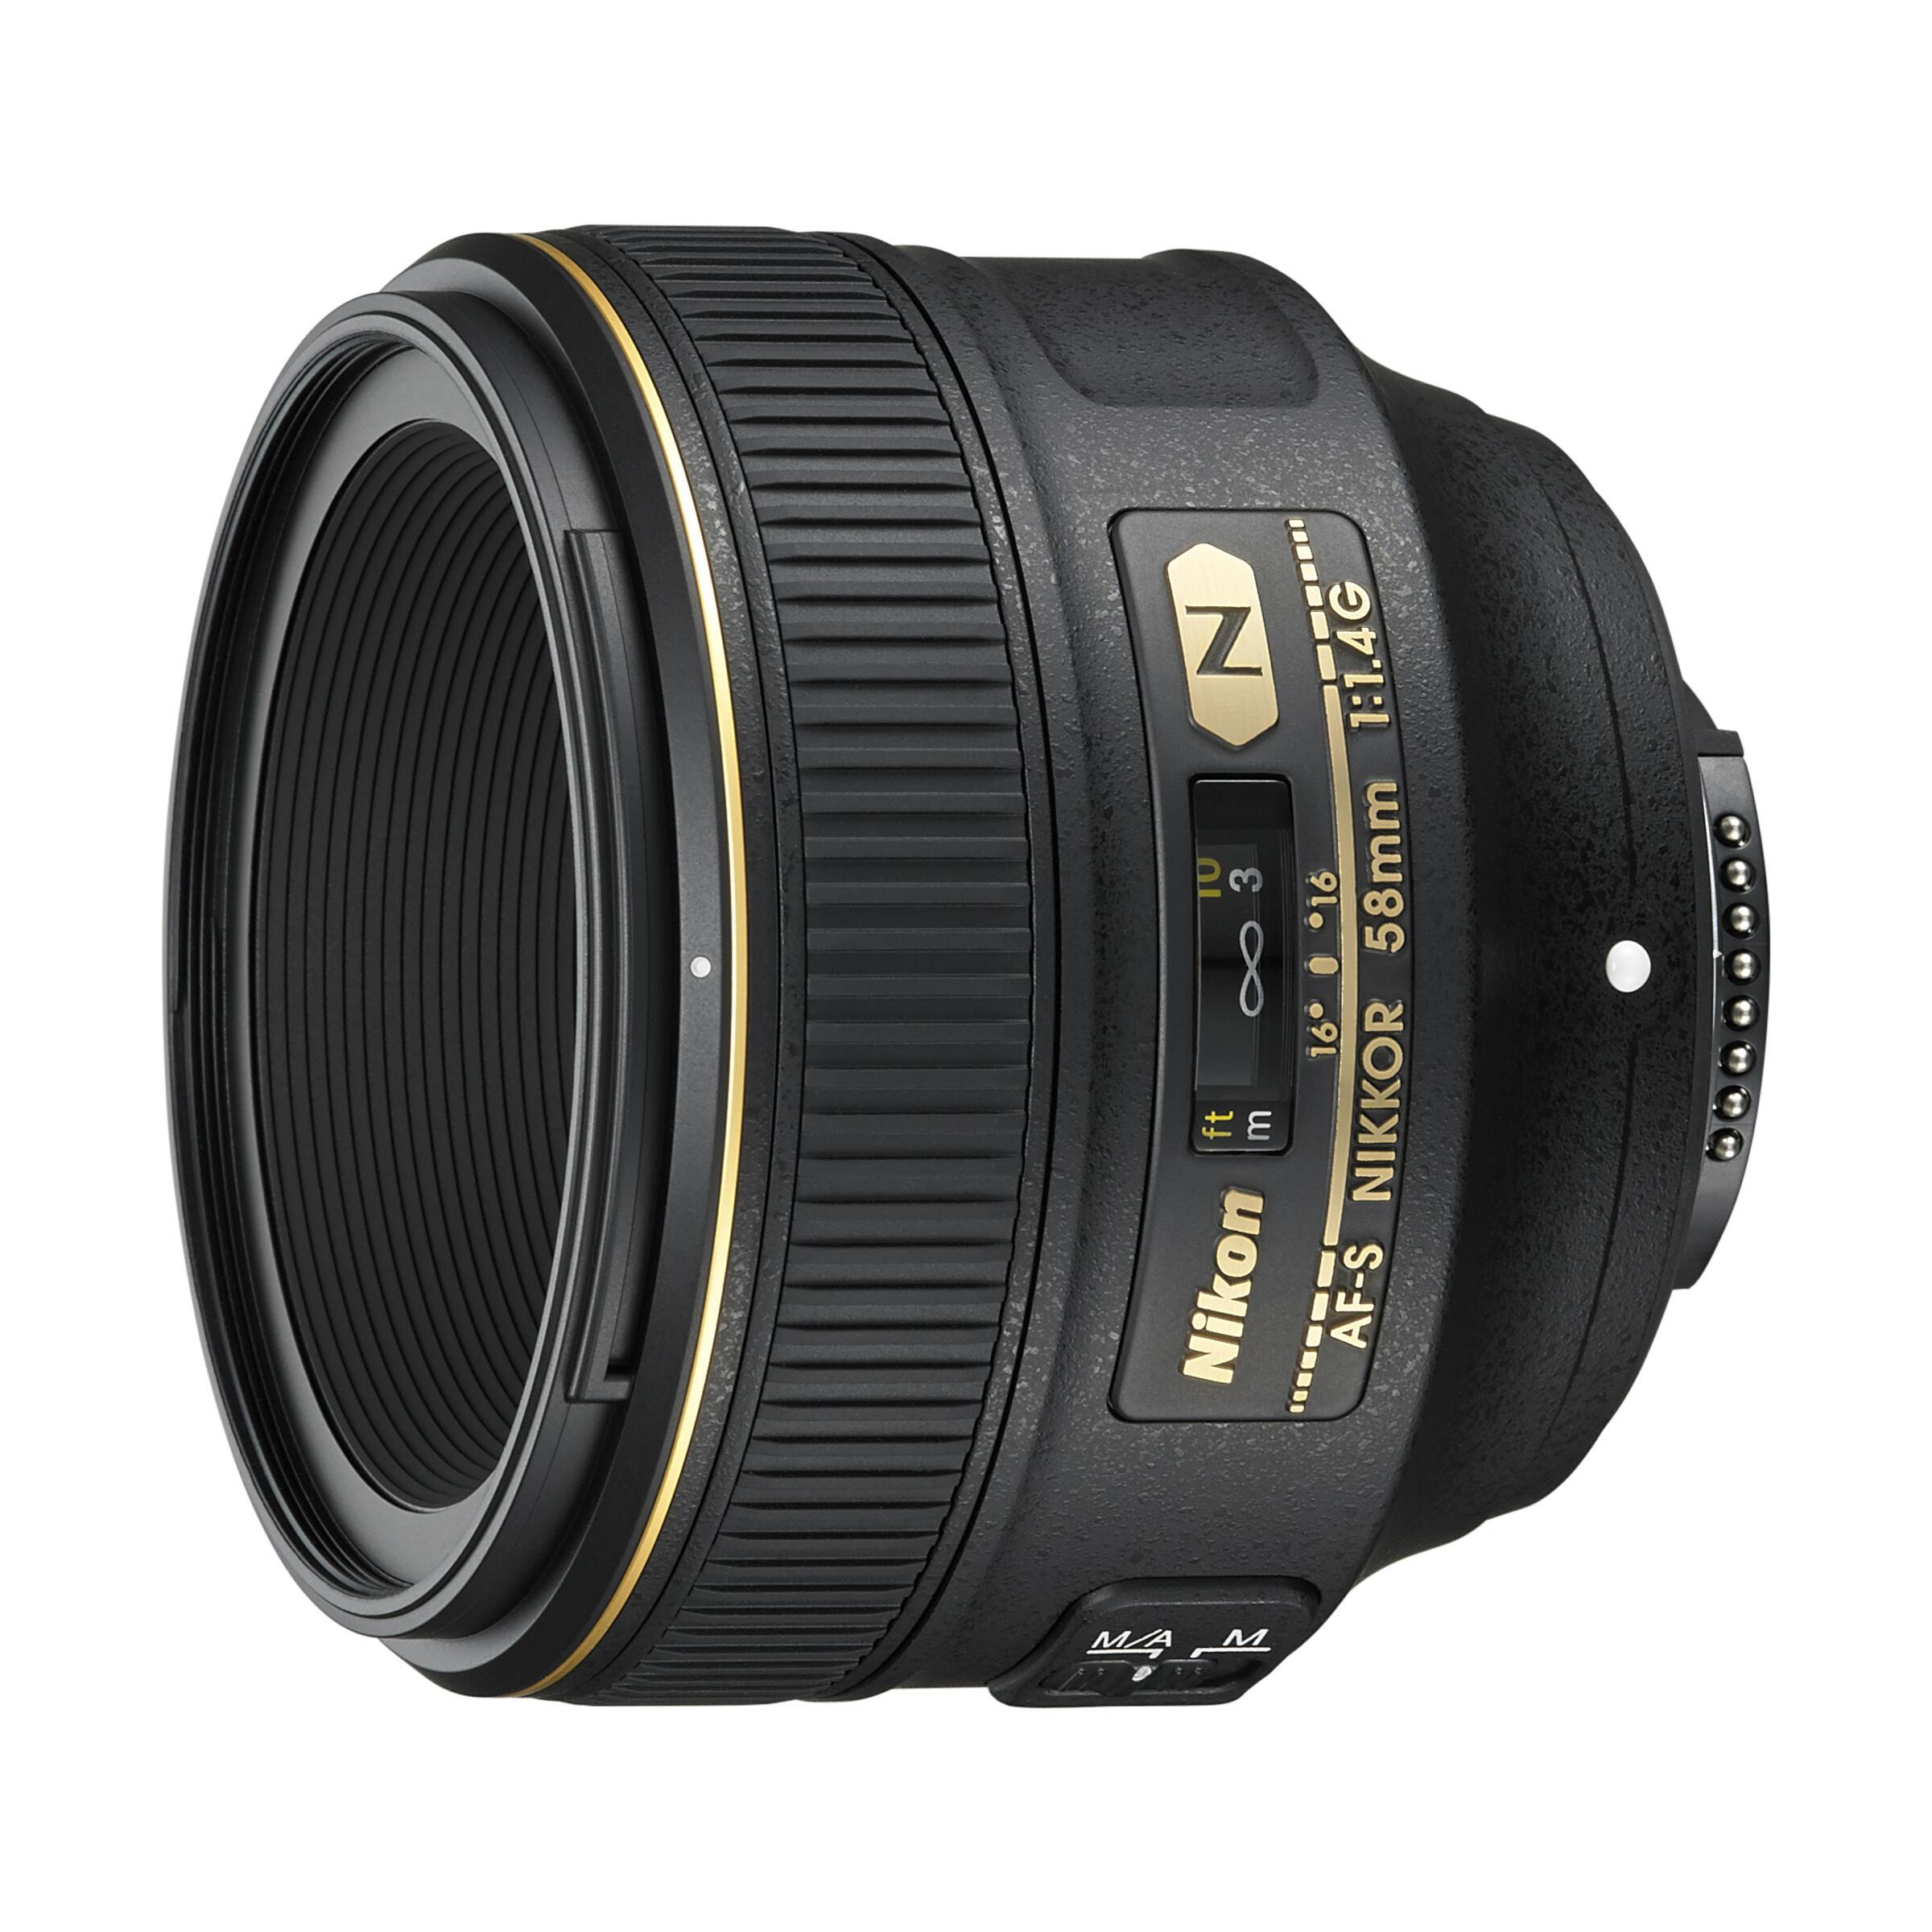 Nikon AF-S 58mm f/1,4 G